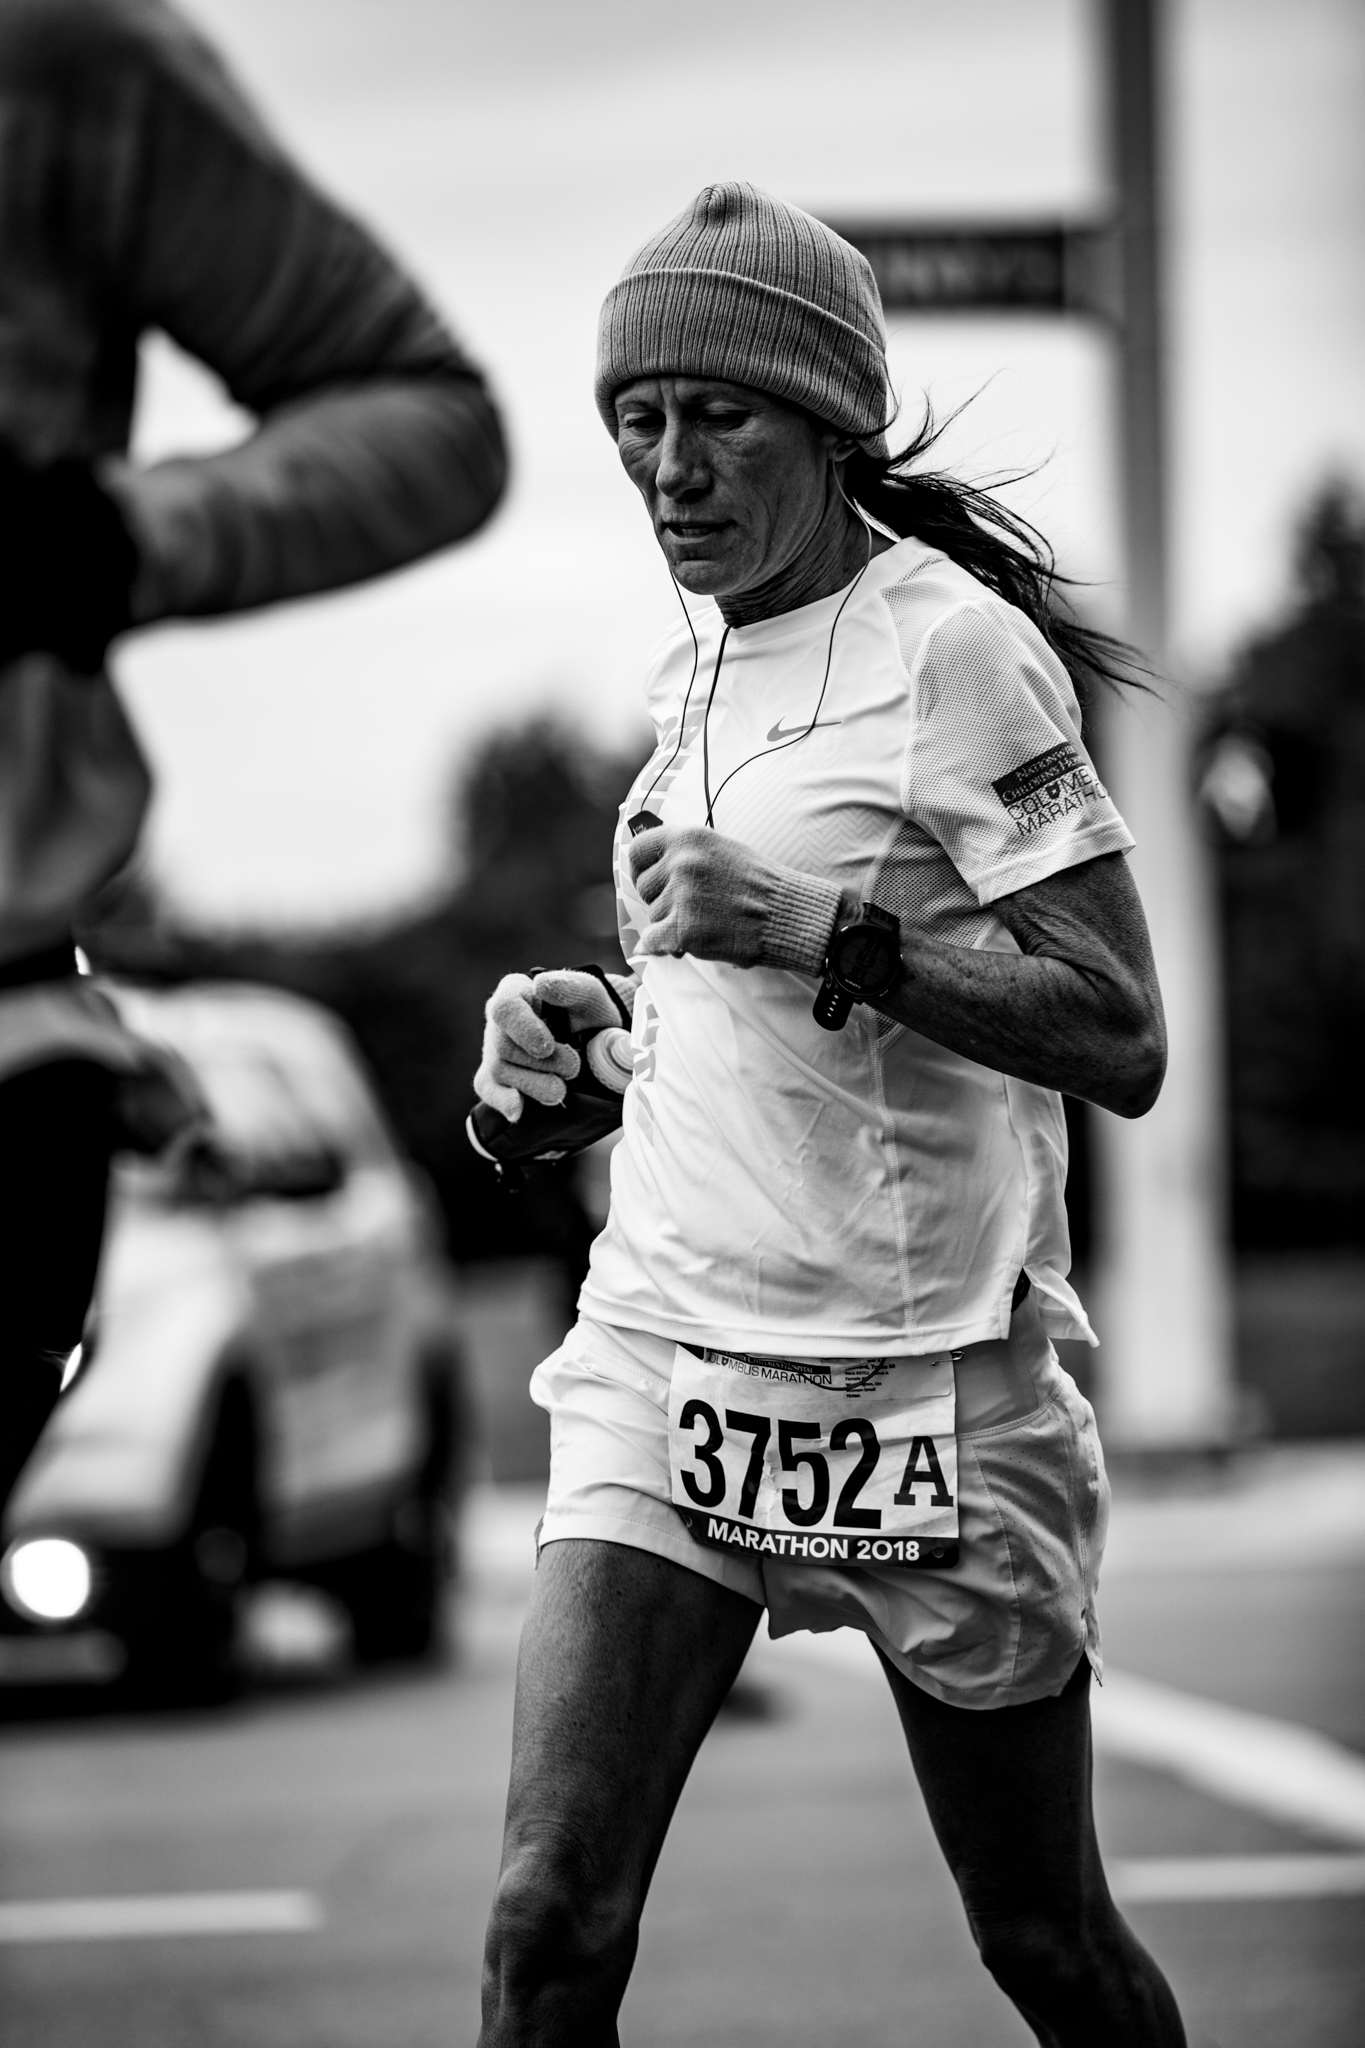 Cols-Marathon-2018_019_bko.jpg